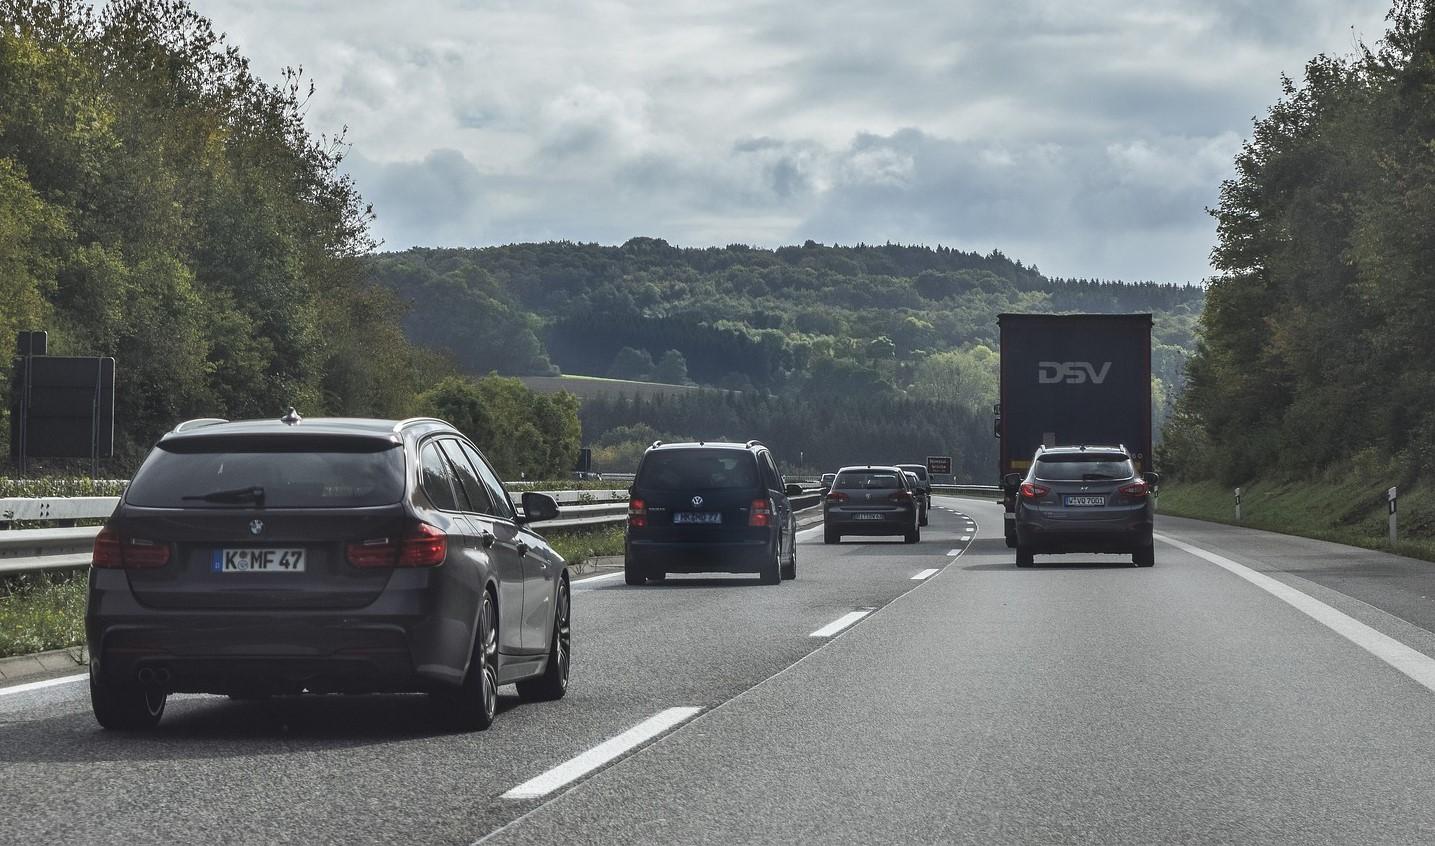 Autobahn-Straße